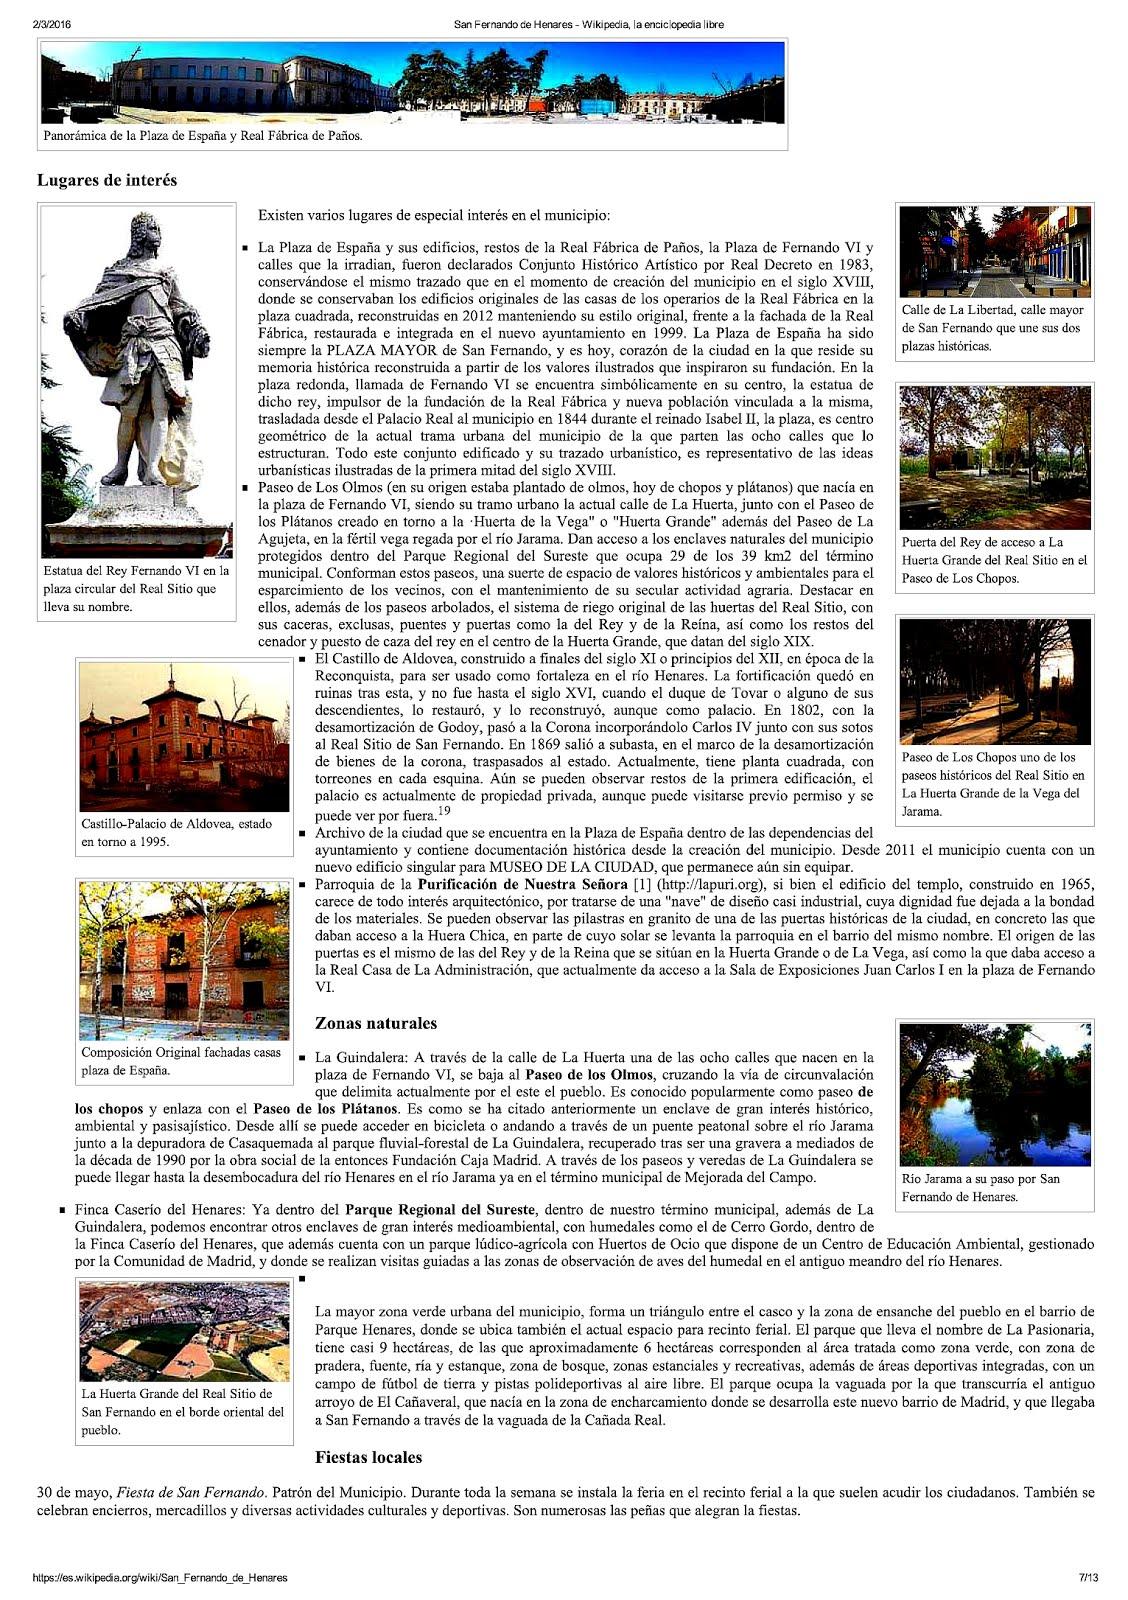 San Fernando en Wikipedia 2016.7